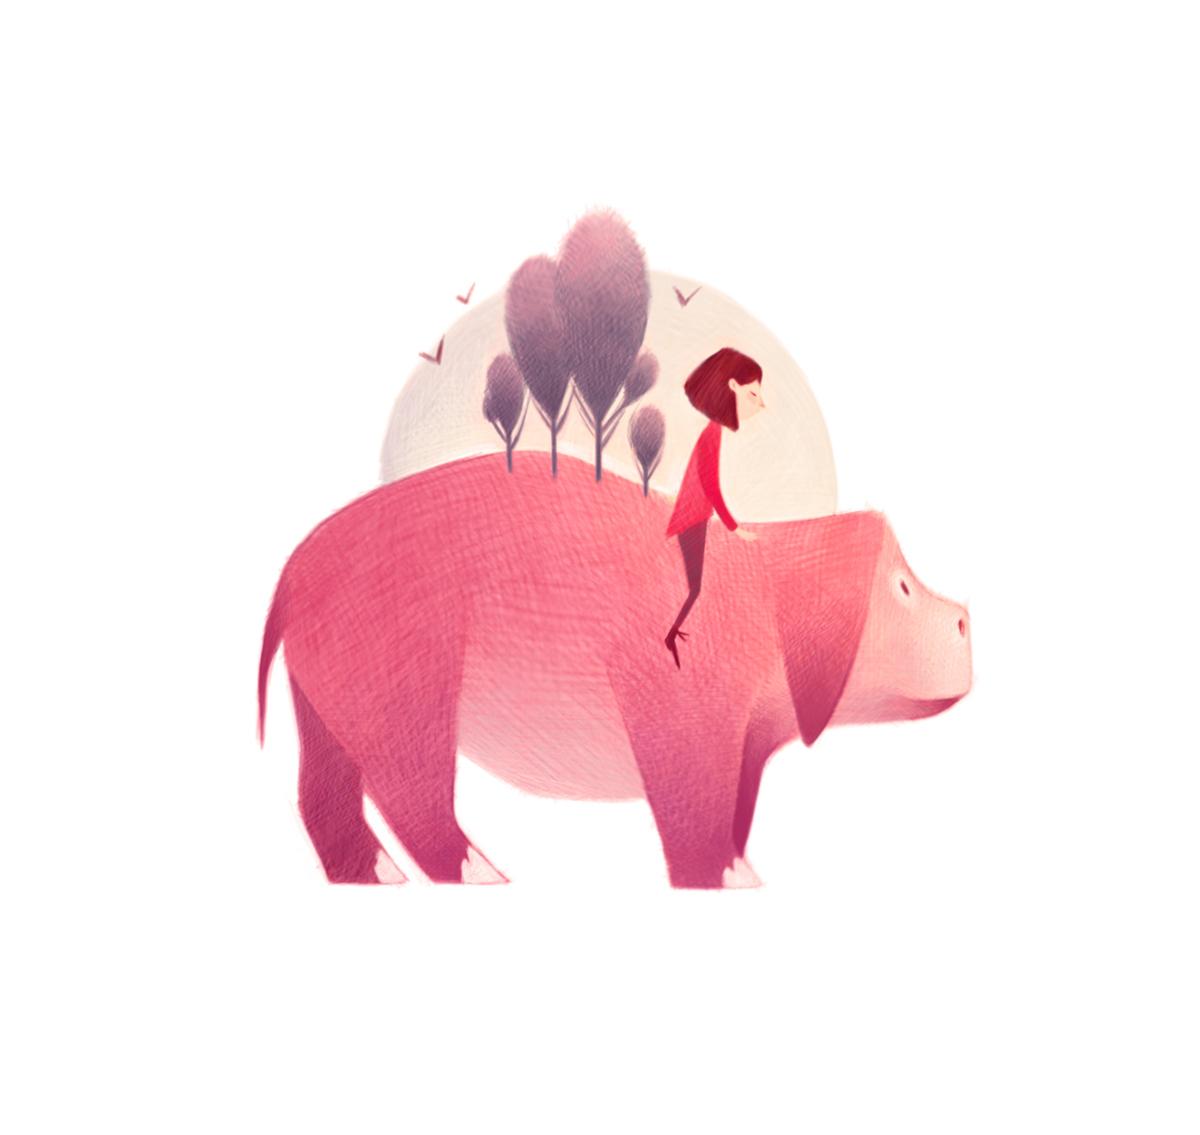 清新可爱动物艺术插画 欣赏-第19张